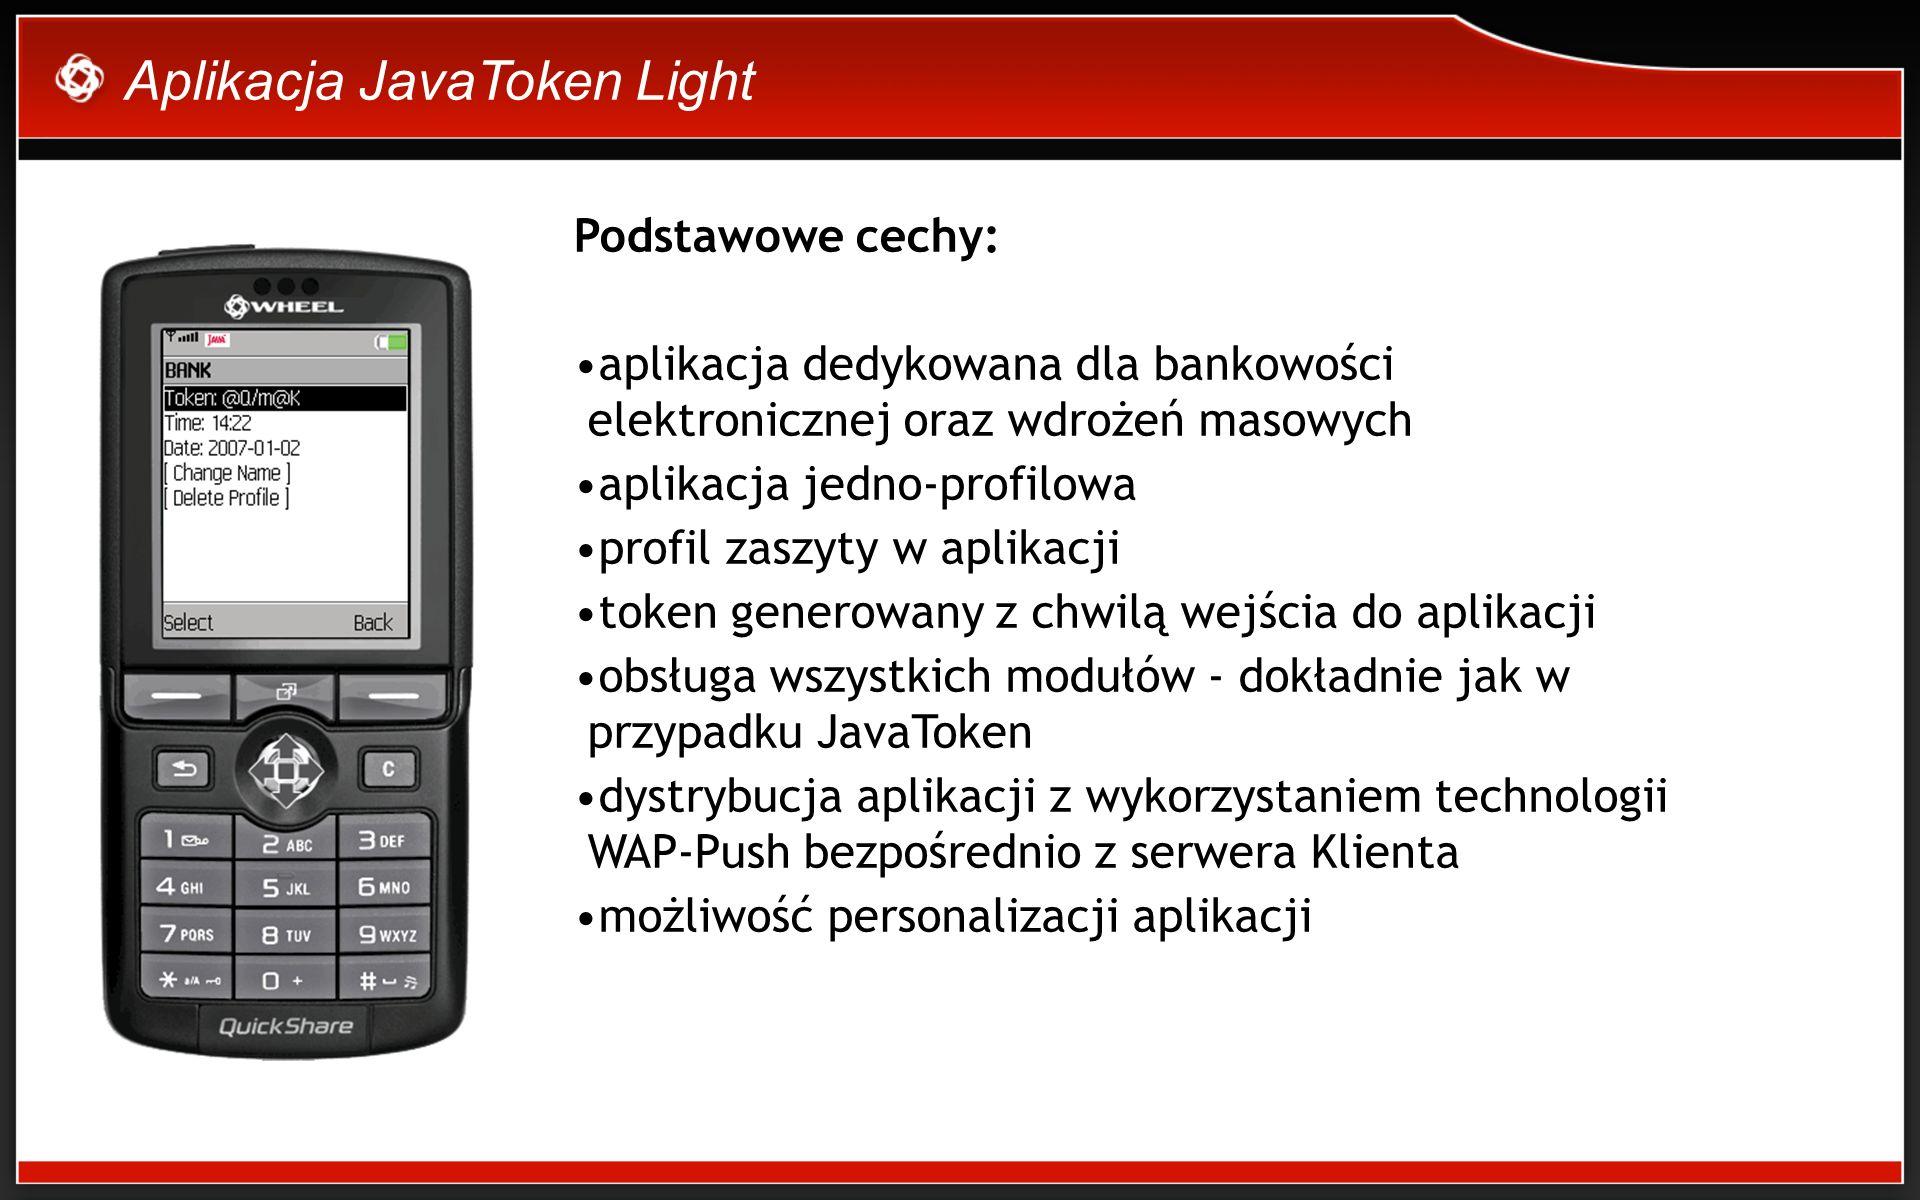 Aplikacja JavaToken Light Podstawowe cechy: aplikacja dedykowana dla bankowości elektronicznej oraz wdrożeń masowych aplikacja jedno-profilowa profil zaszyty w aplikacji token generowany z chwilą wejścia do aplikacji obsługa wszystkich modułów - dokładnie jak w przypadku JavaToken dystrybucja aplikacji z wykorzystaniem technologii WAP-Push bezpośrednio z serwera Klienta możliwość personalizacji aplikacji